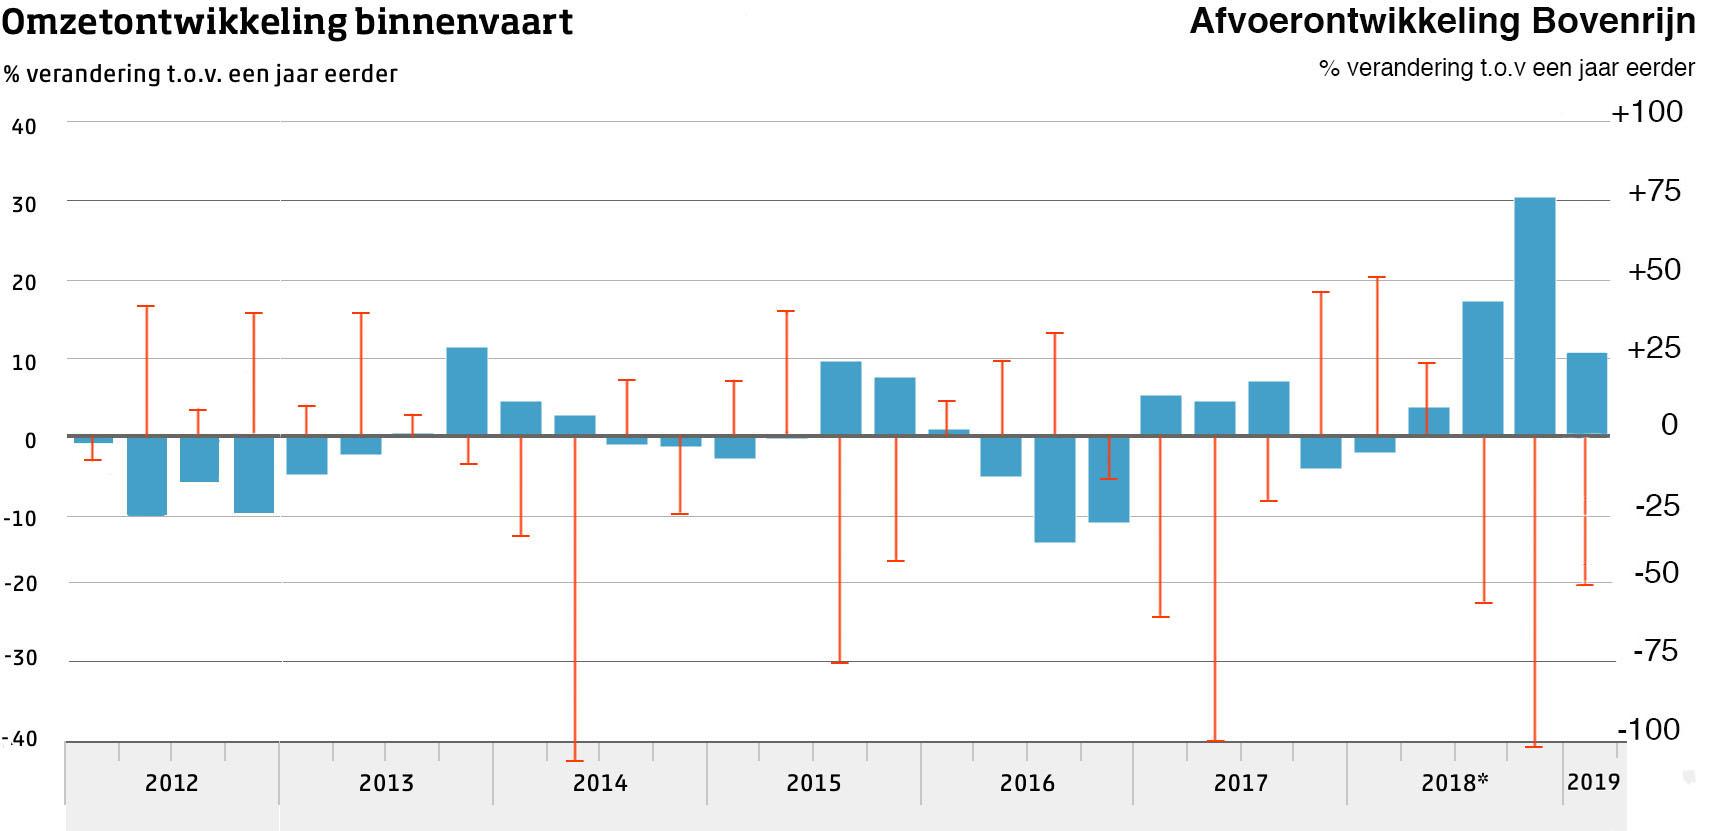 De omzetontwikkeling van de binnenvaart (blauwe kolommen) vertoont een tegengestelde relatie met de ontwikkeling van de Rijnafvoer. Bron: omzetcijfers CBS, afvoercijfers RWS.